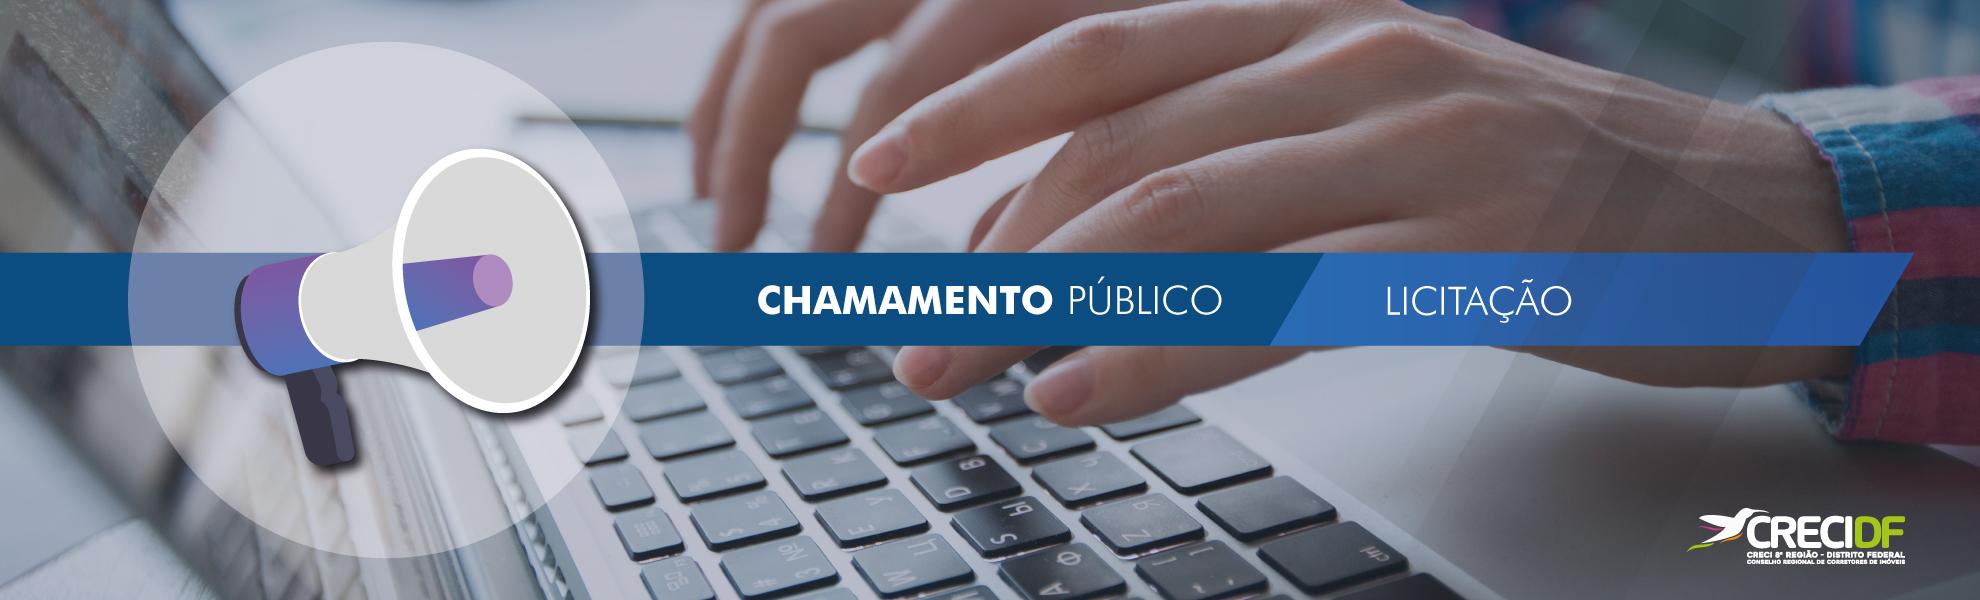 SLIDE_CHAMAMENTO-PUBLICO